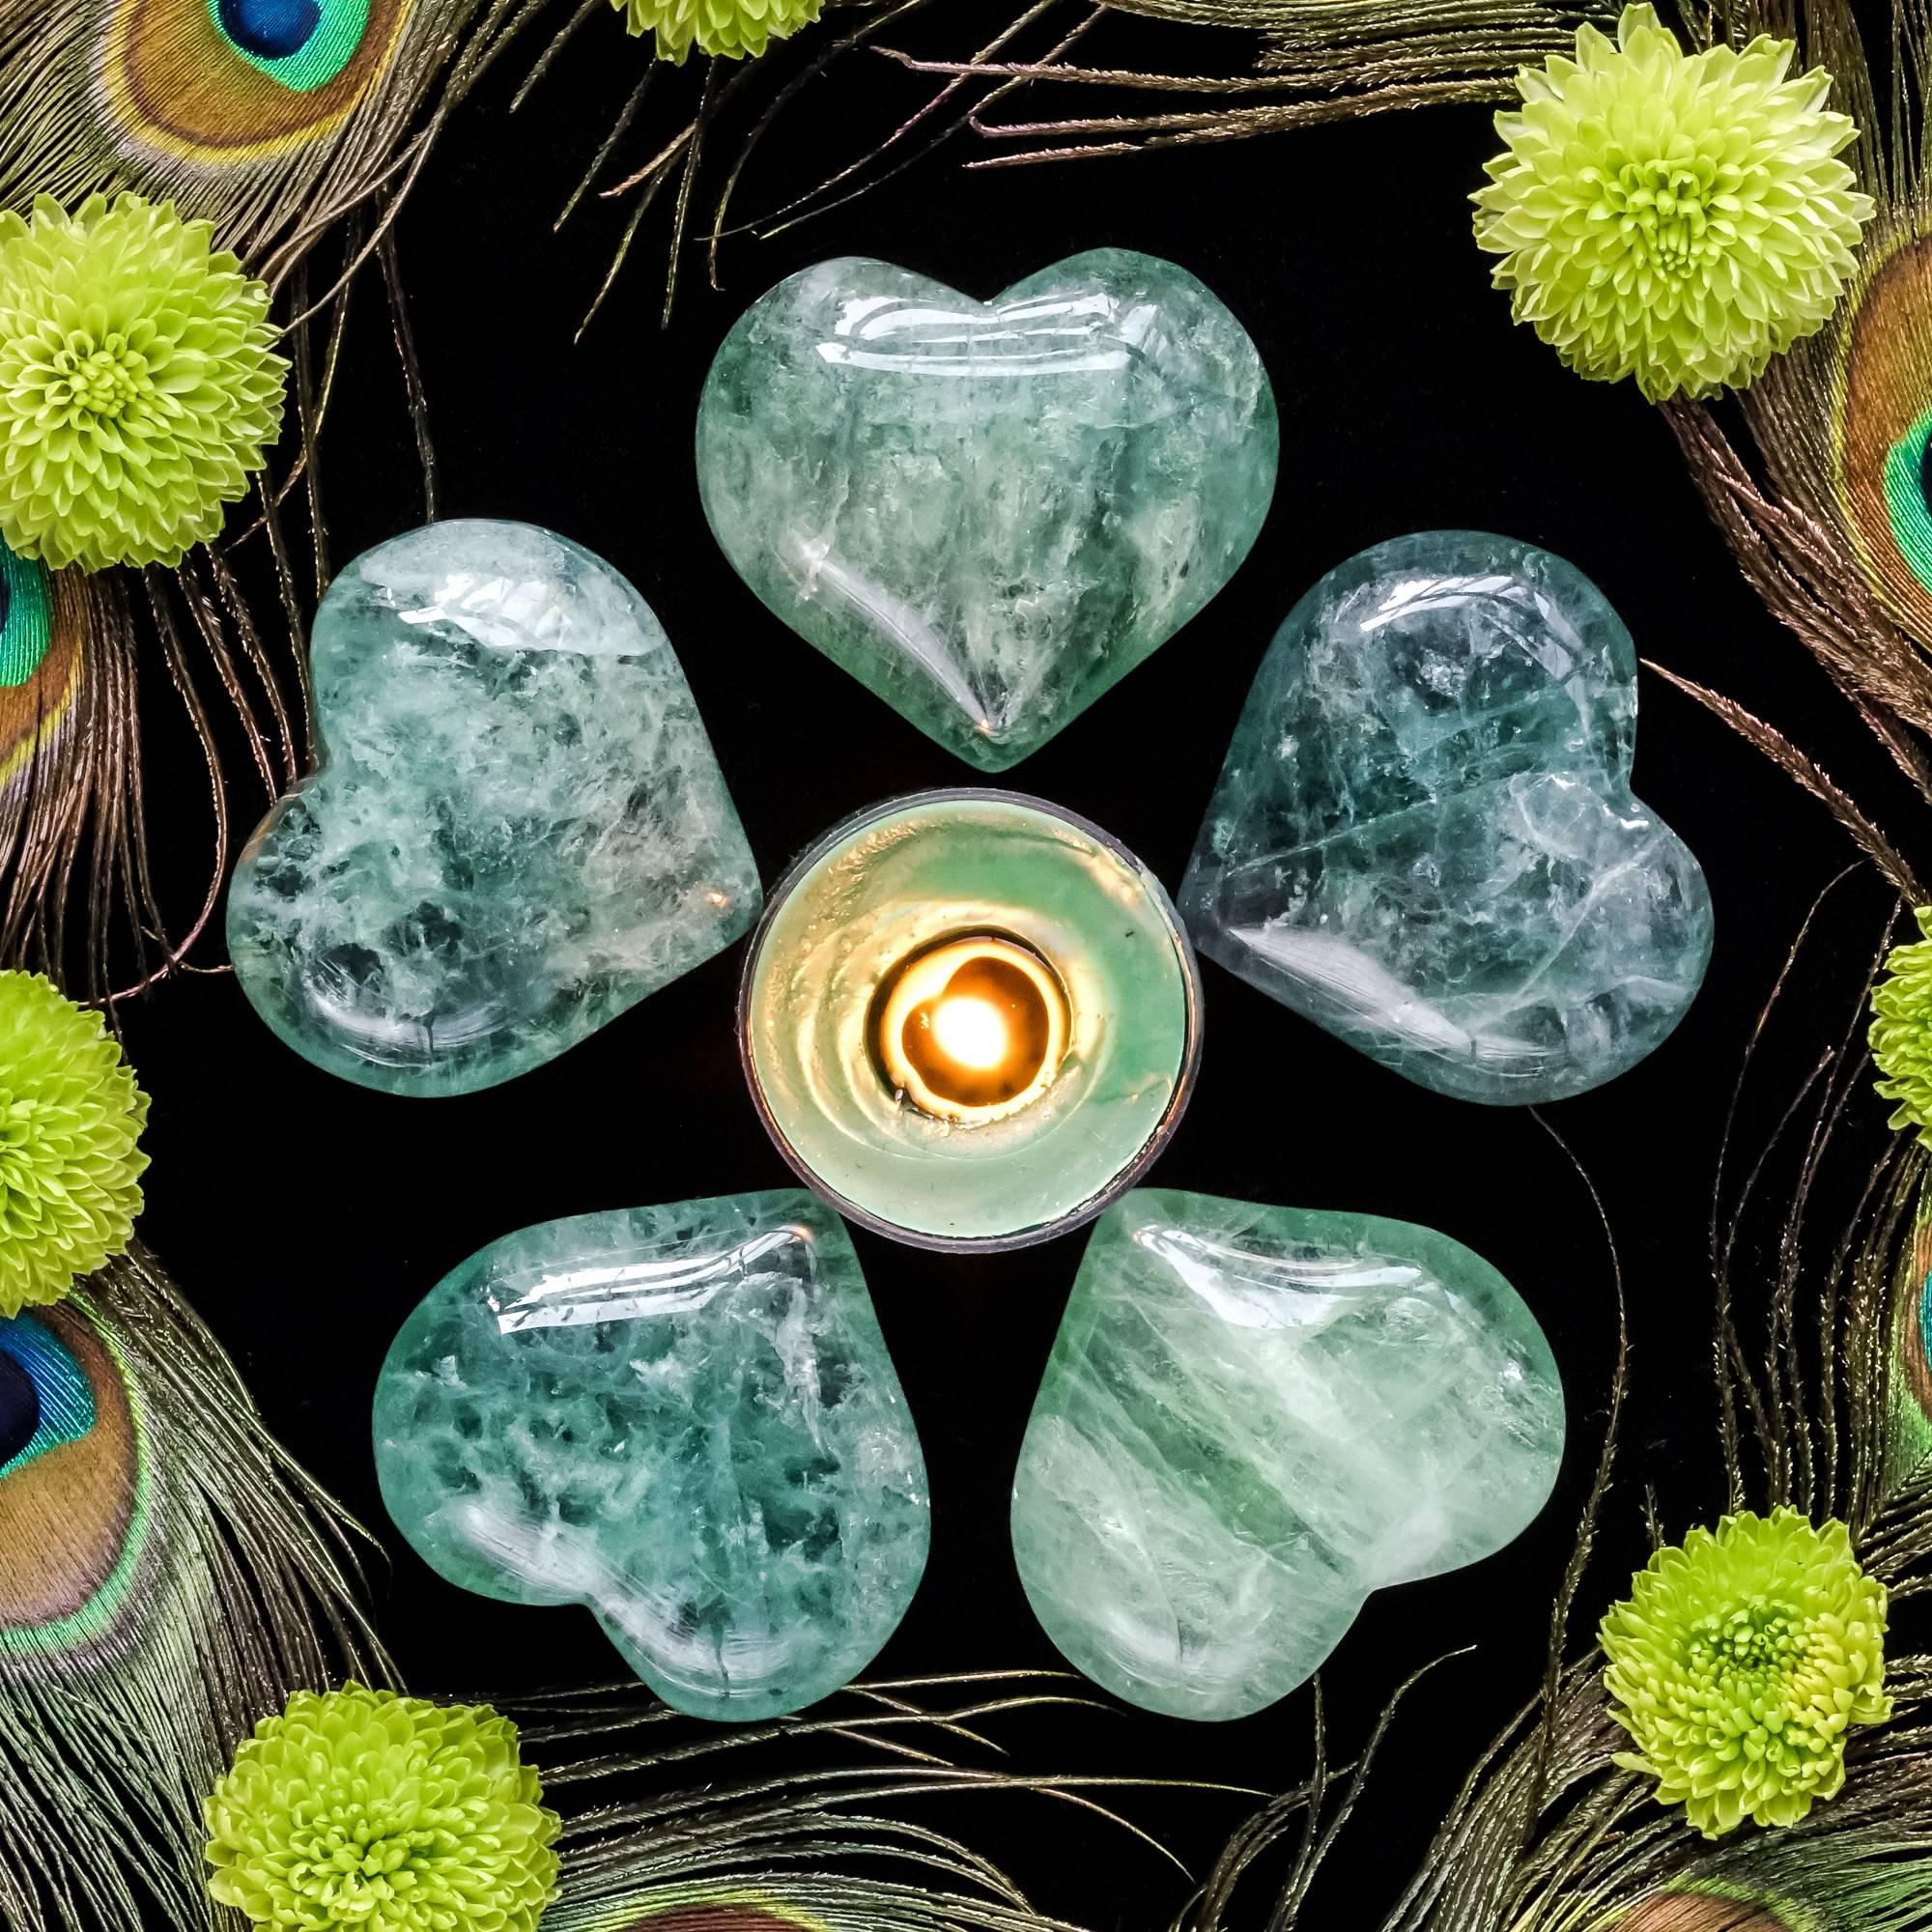 Green fluorite hearts